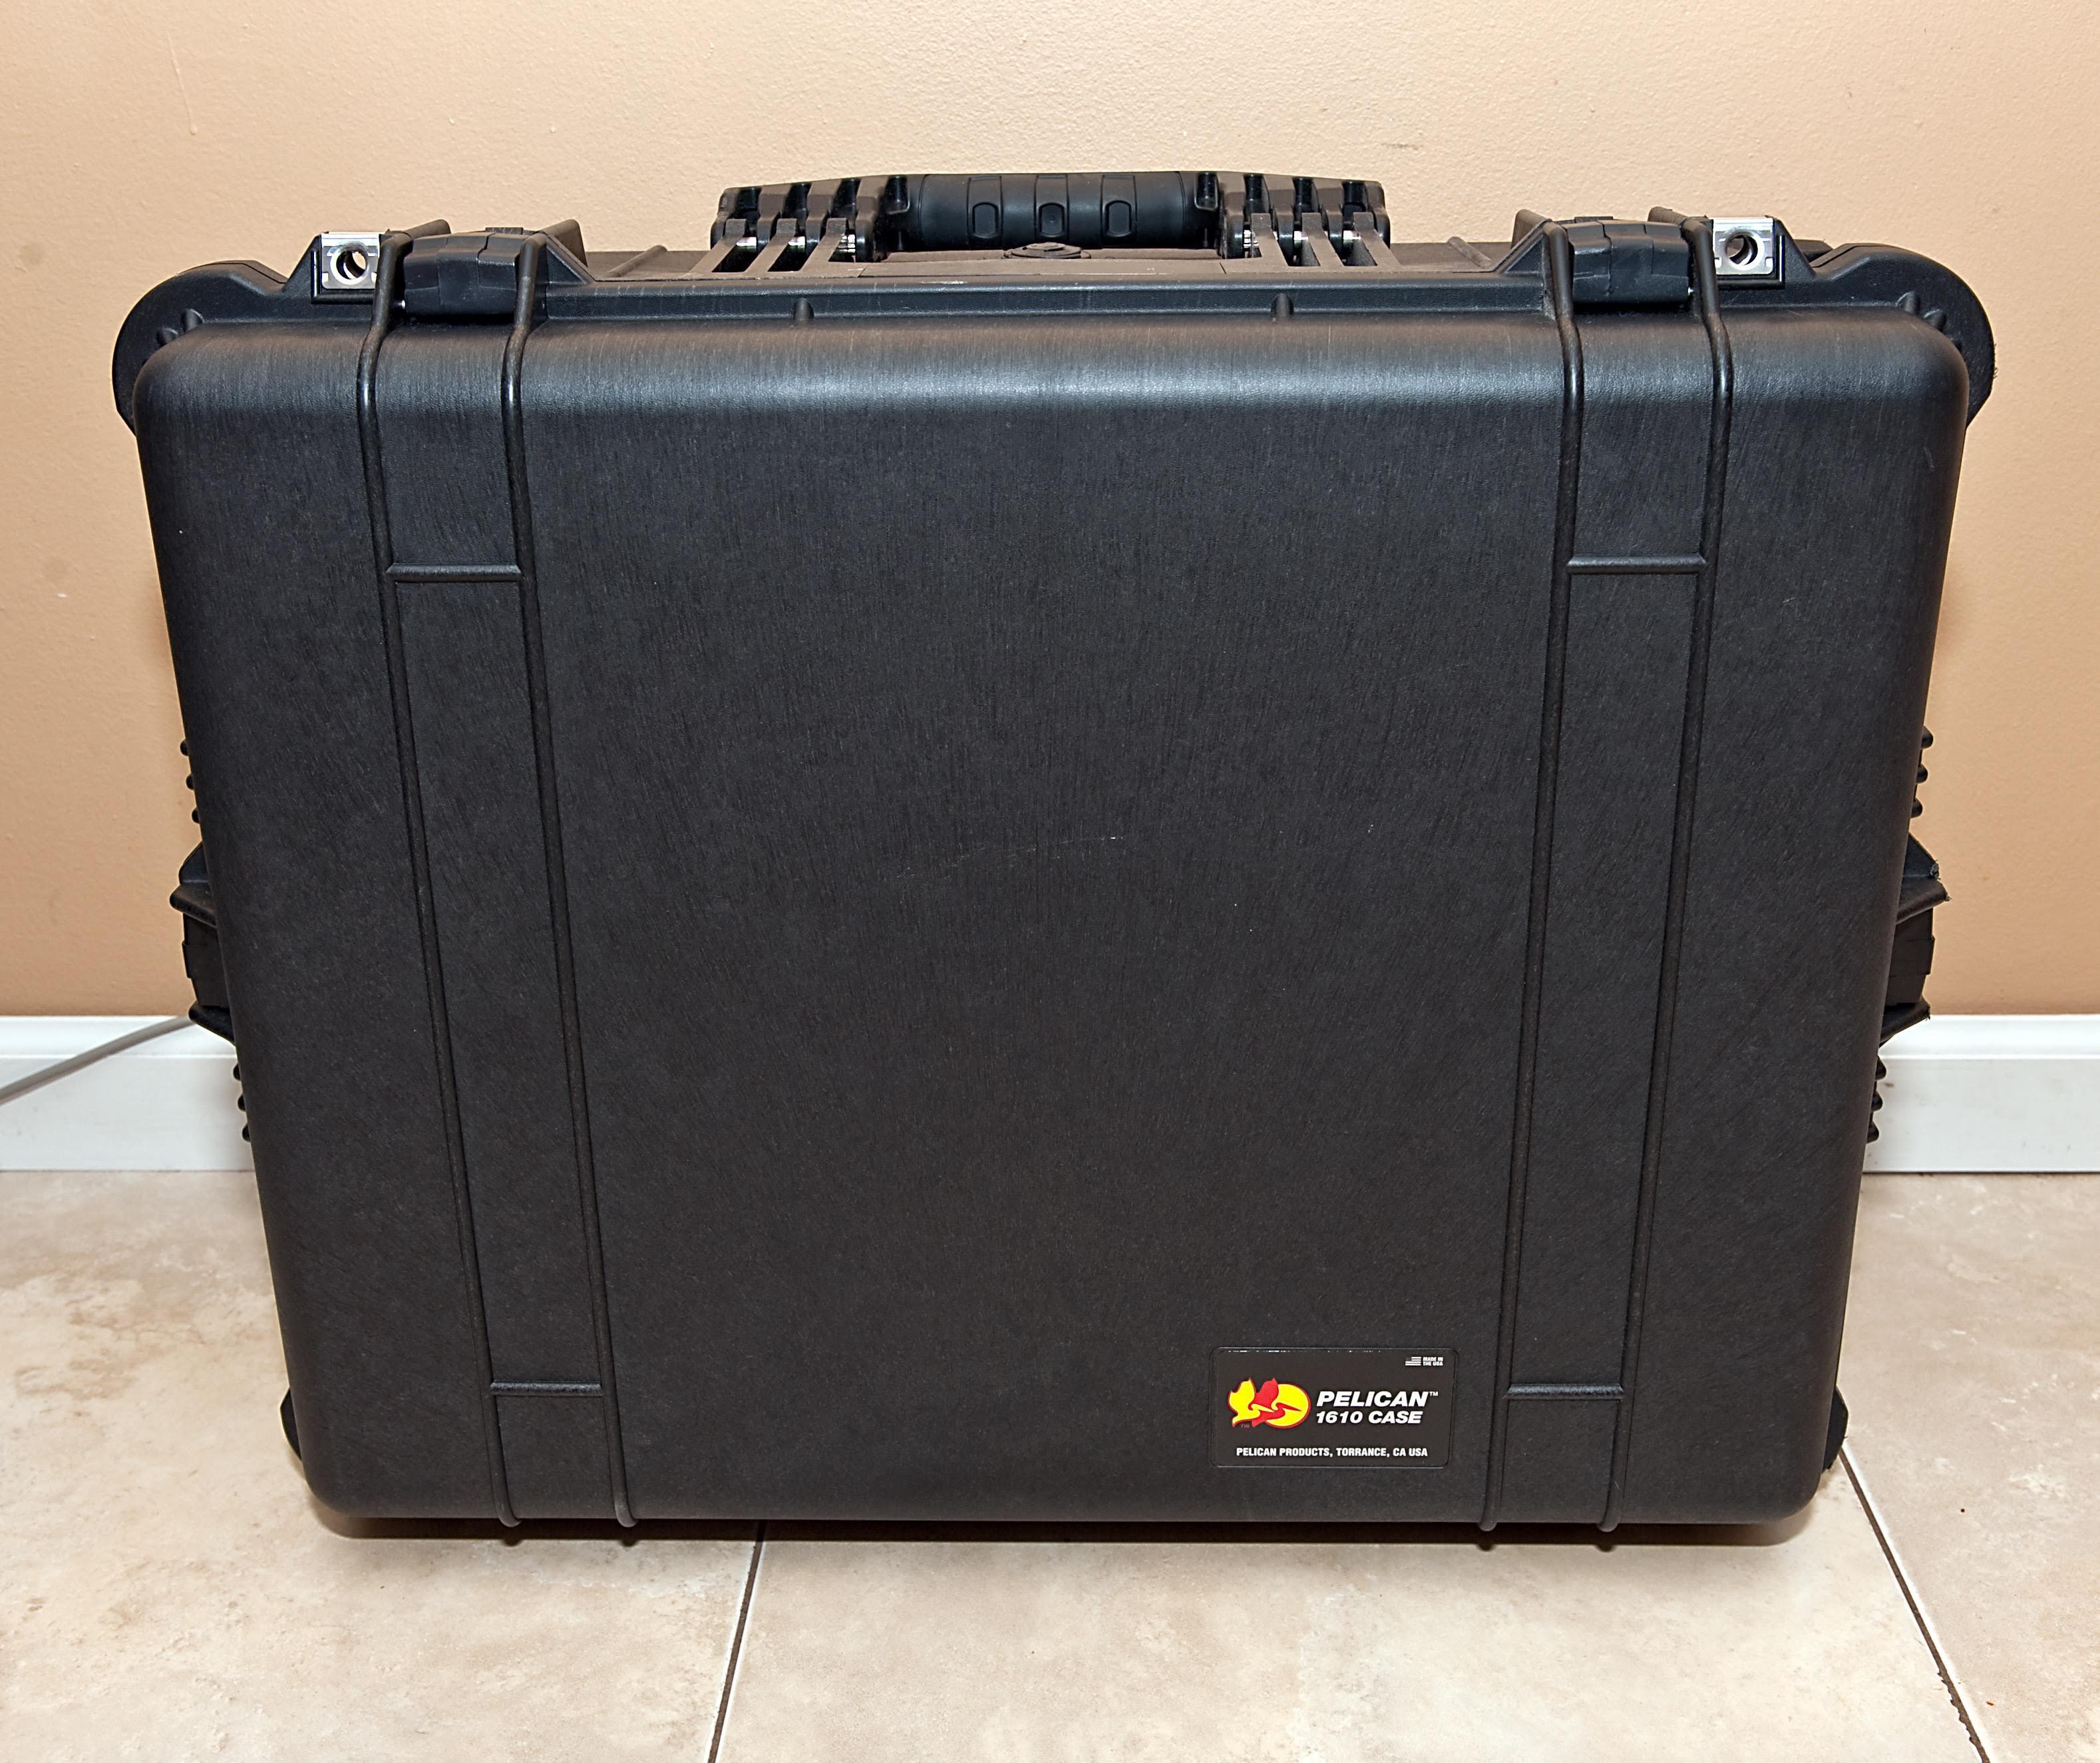 Alien Bees B800 Lighting Kit: FS: Alien Bees B800 Light Kit + Xtras